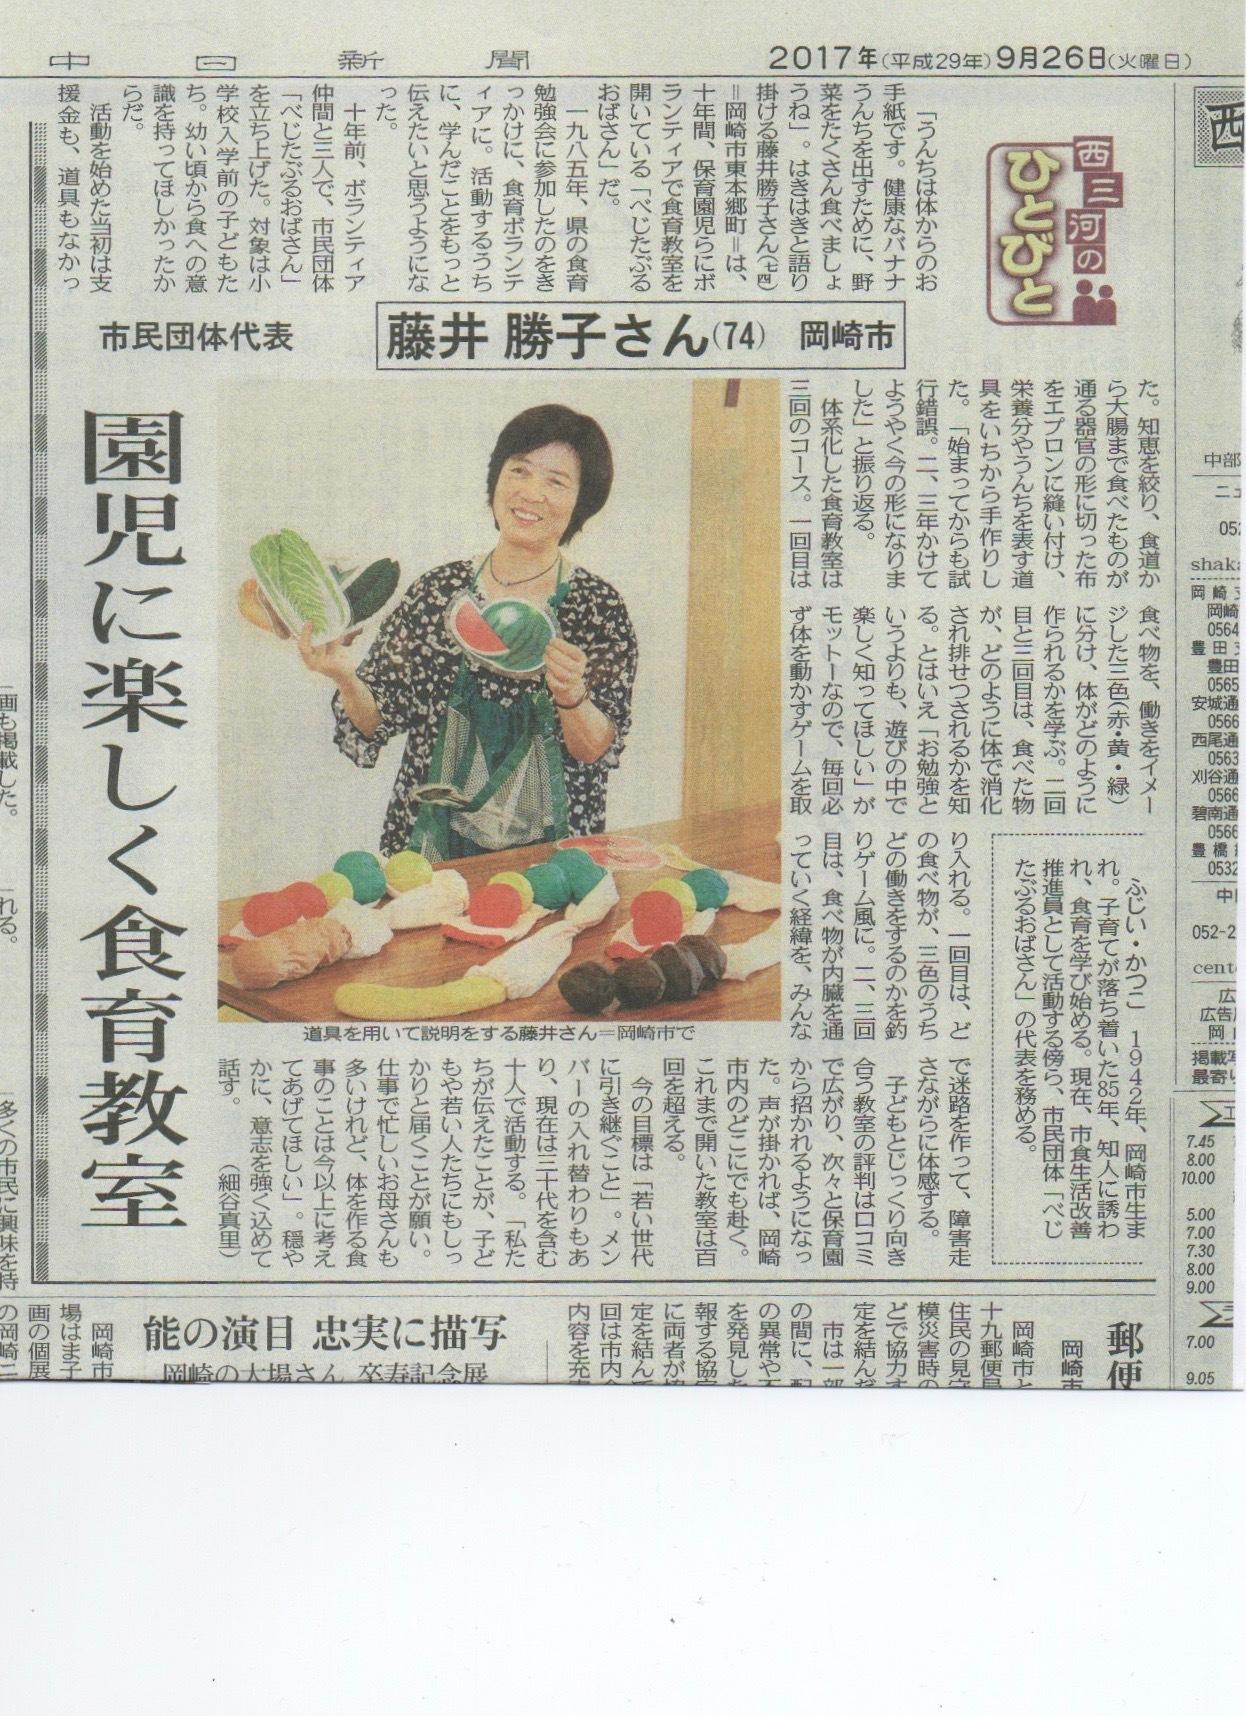 170926中日新聞 べじたぶるおばさん